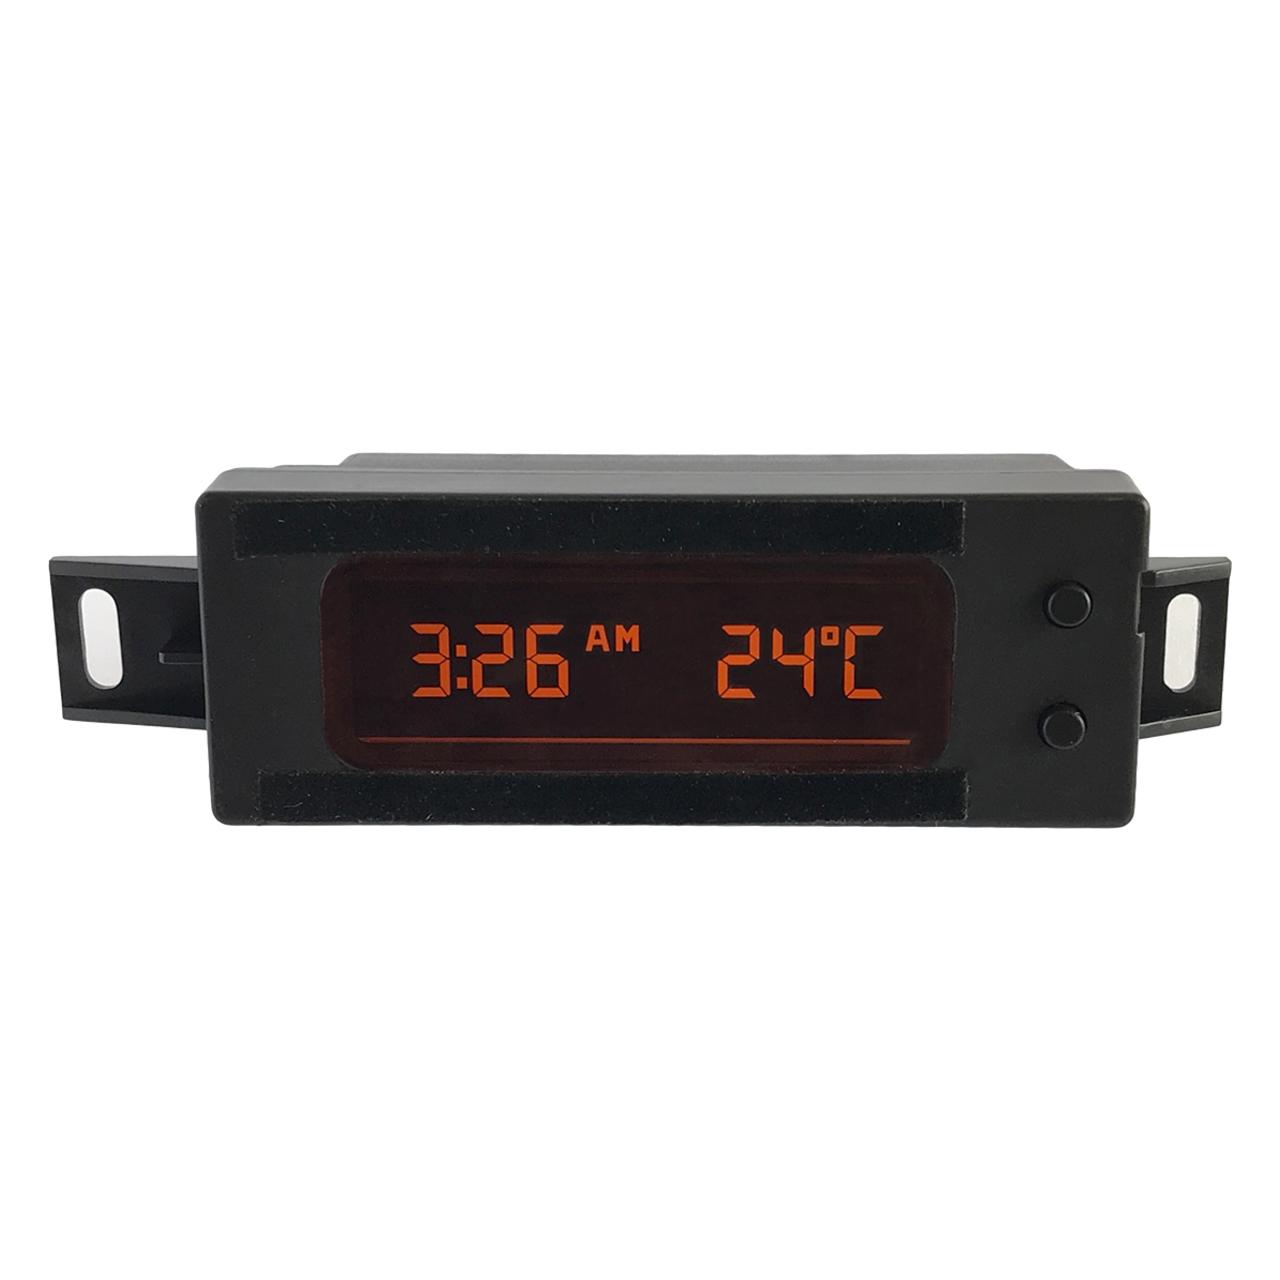 ساعت دیجیتال پویش پرداز مدل DC61 مناسب برای خودرو پژو پارس